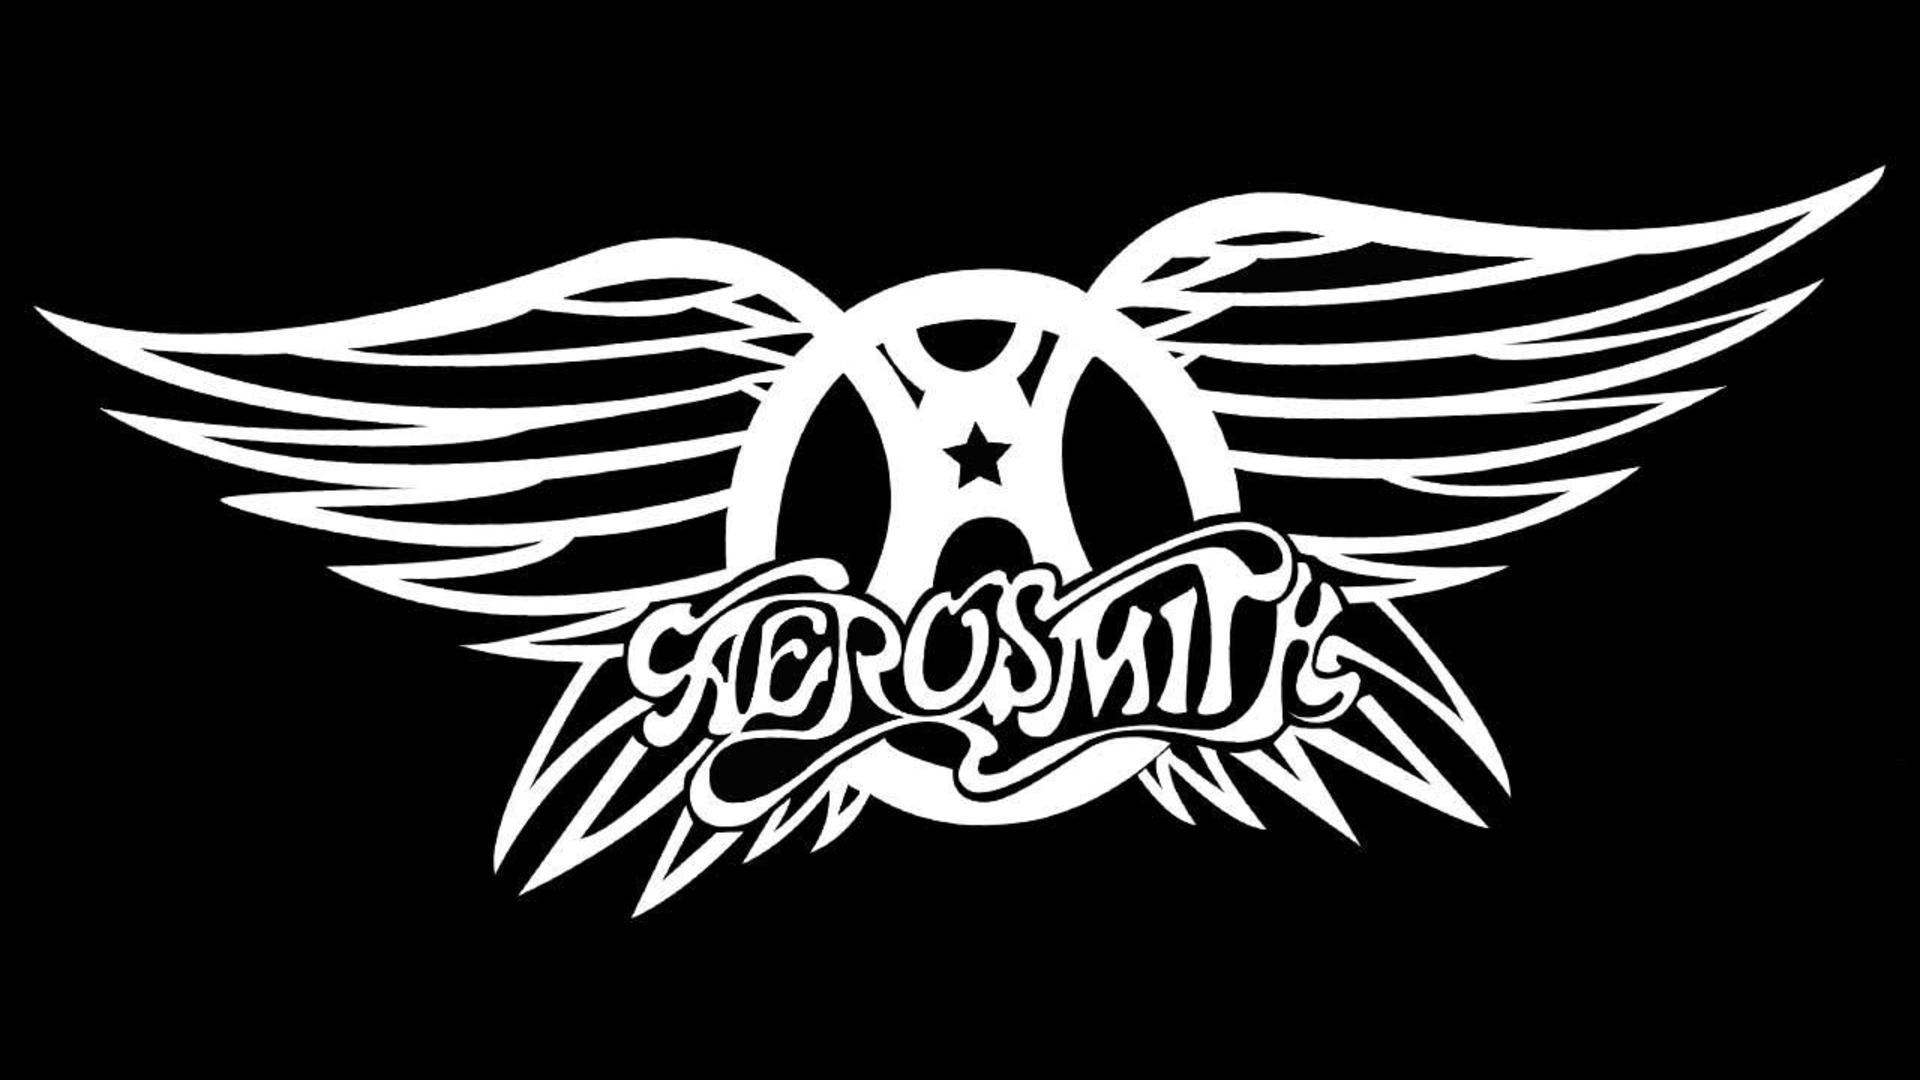 Aerosmith Record Logo Vector PNG - 35388